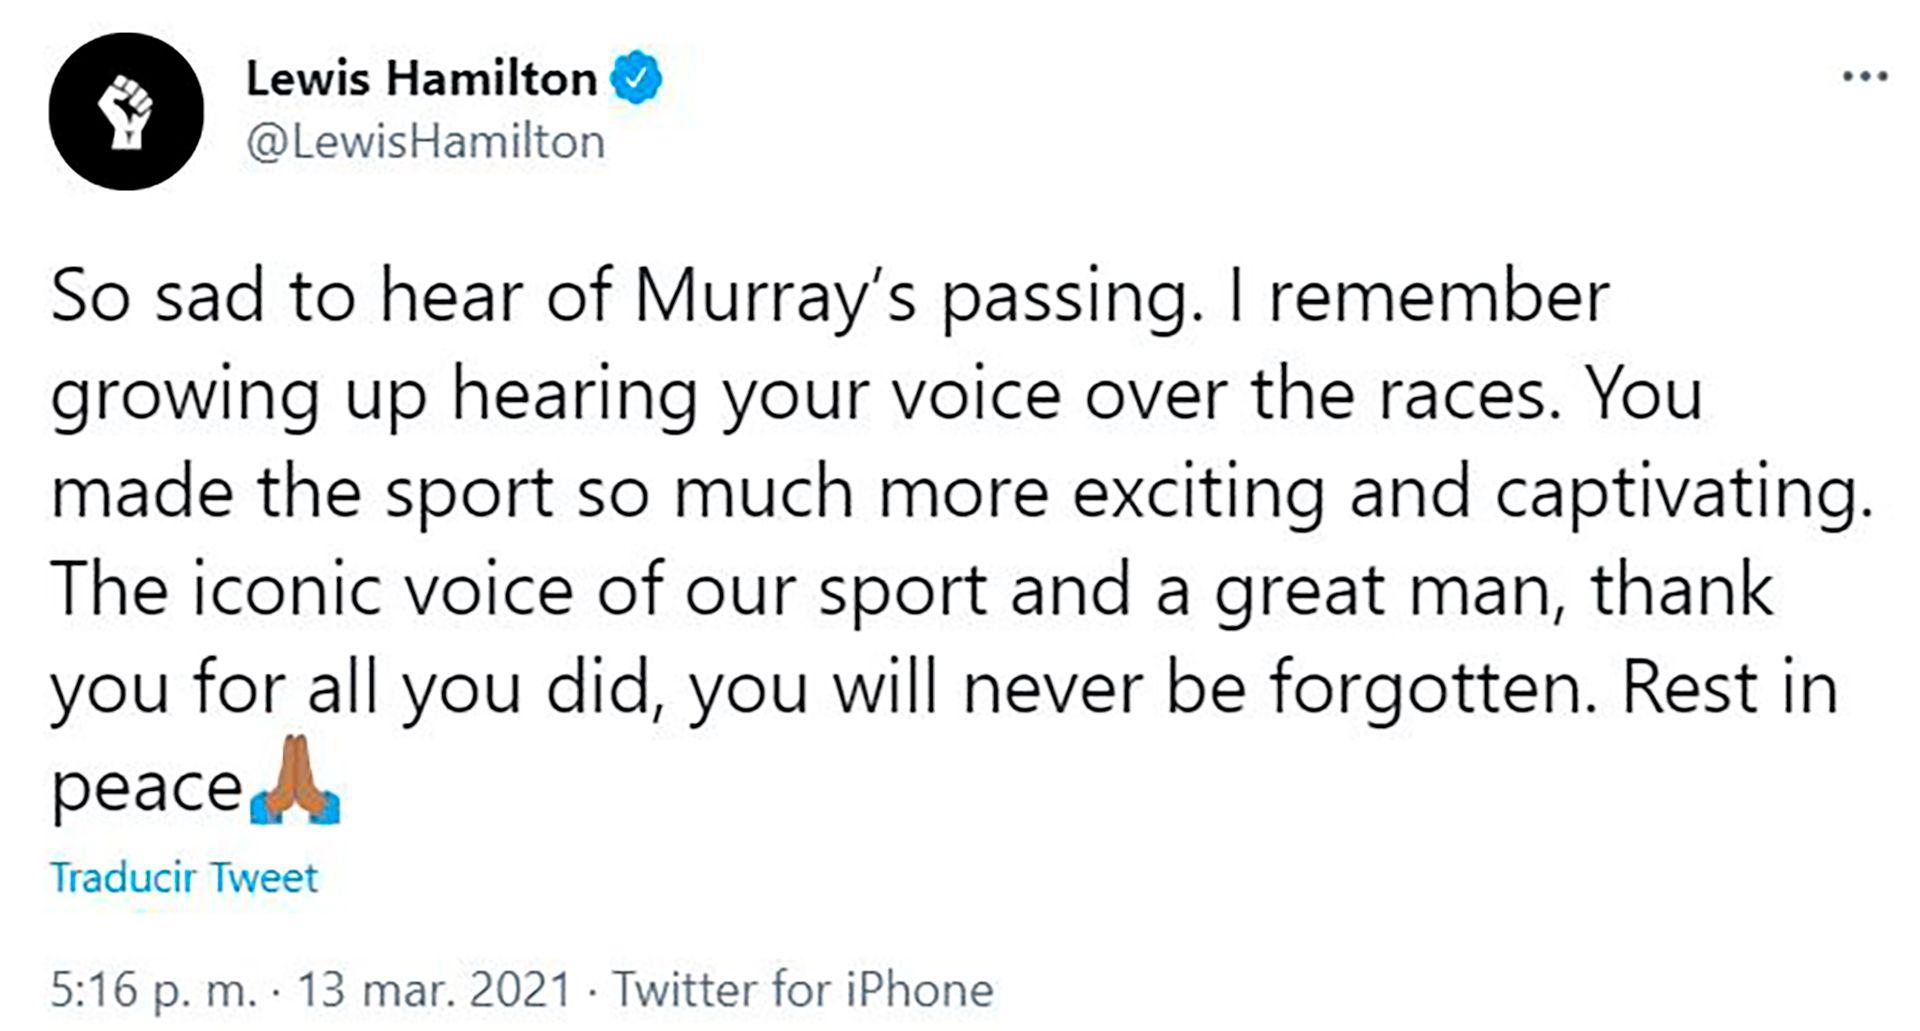 El comentario de Lewis Hamilton tras la muerte de Murray Walker